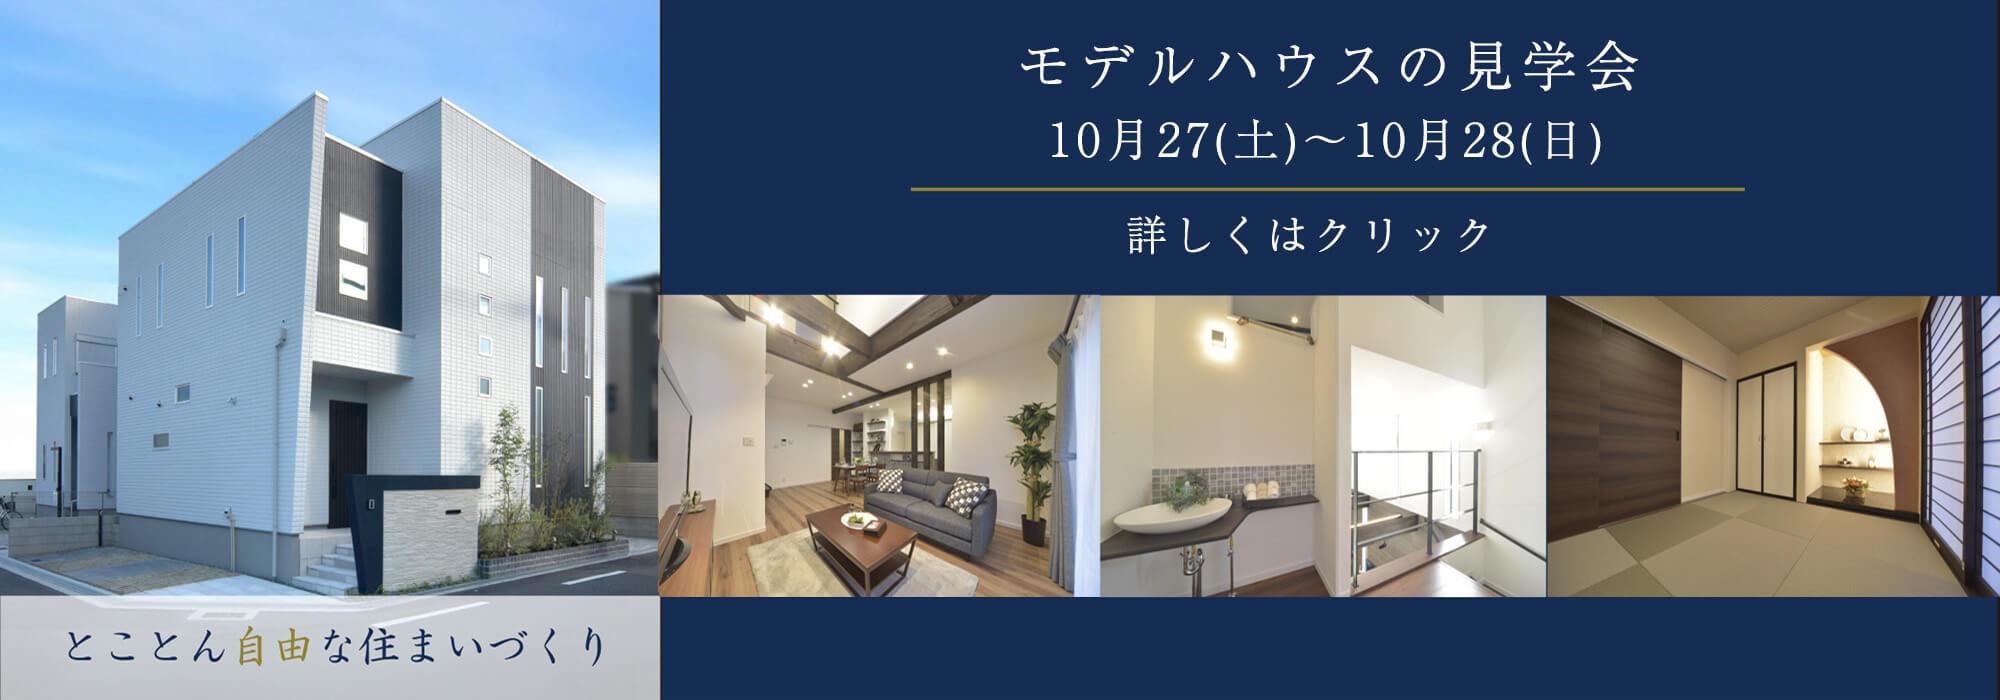 枚方市内 モデルハウスの見学会(省エネ耐震仕様)